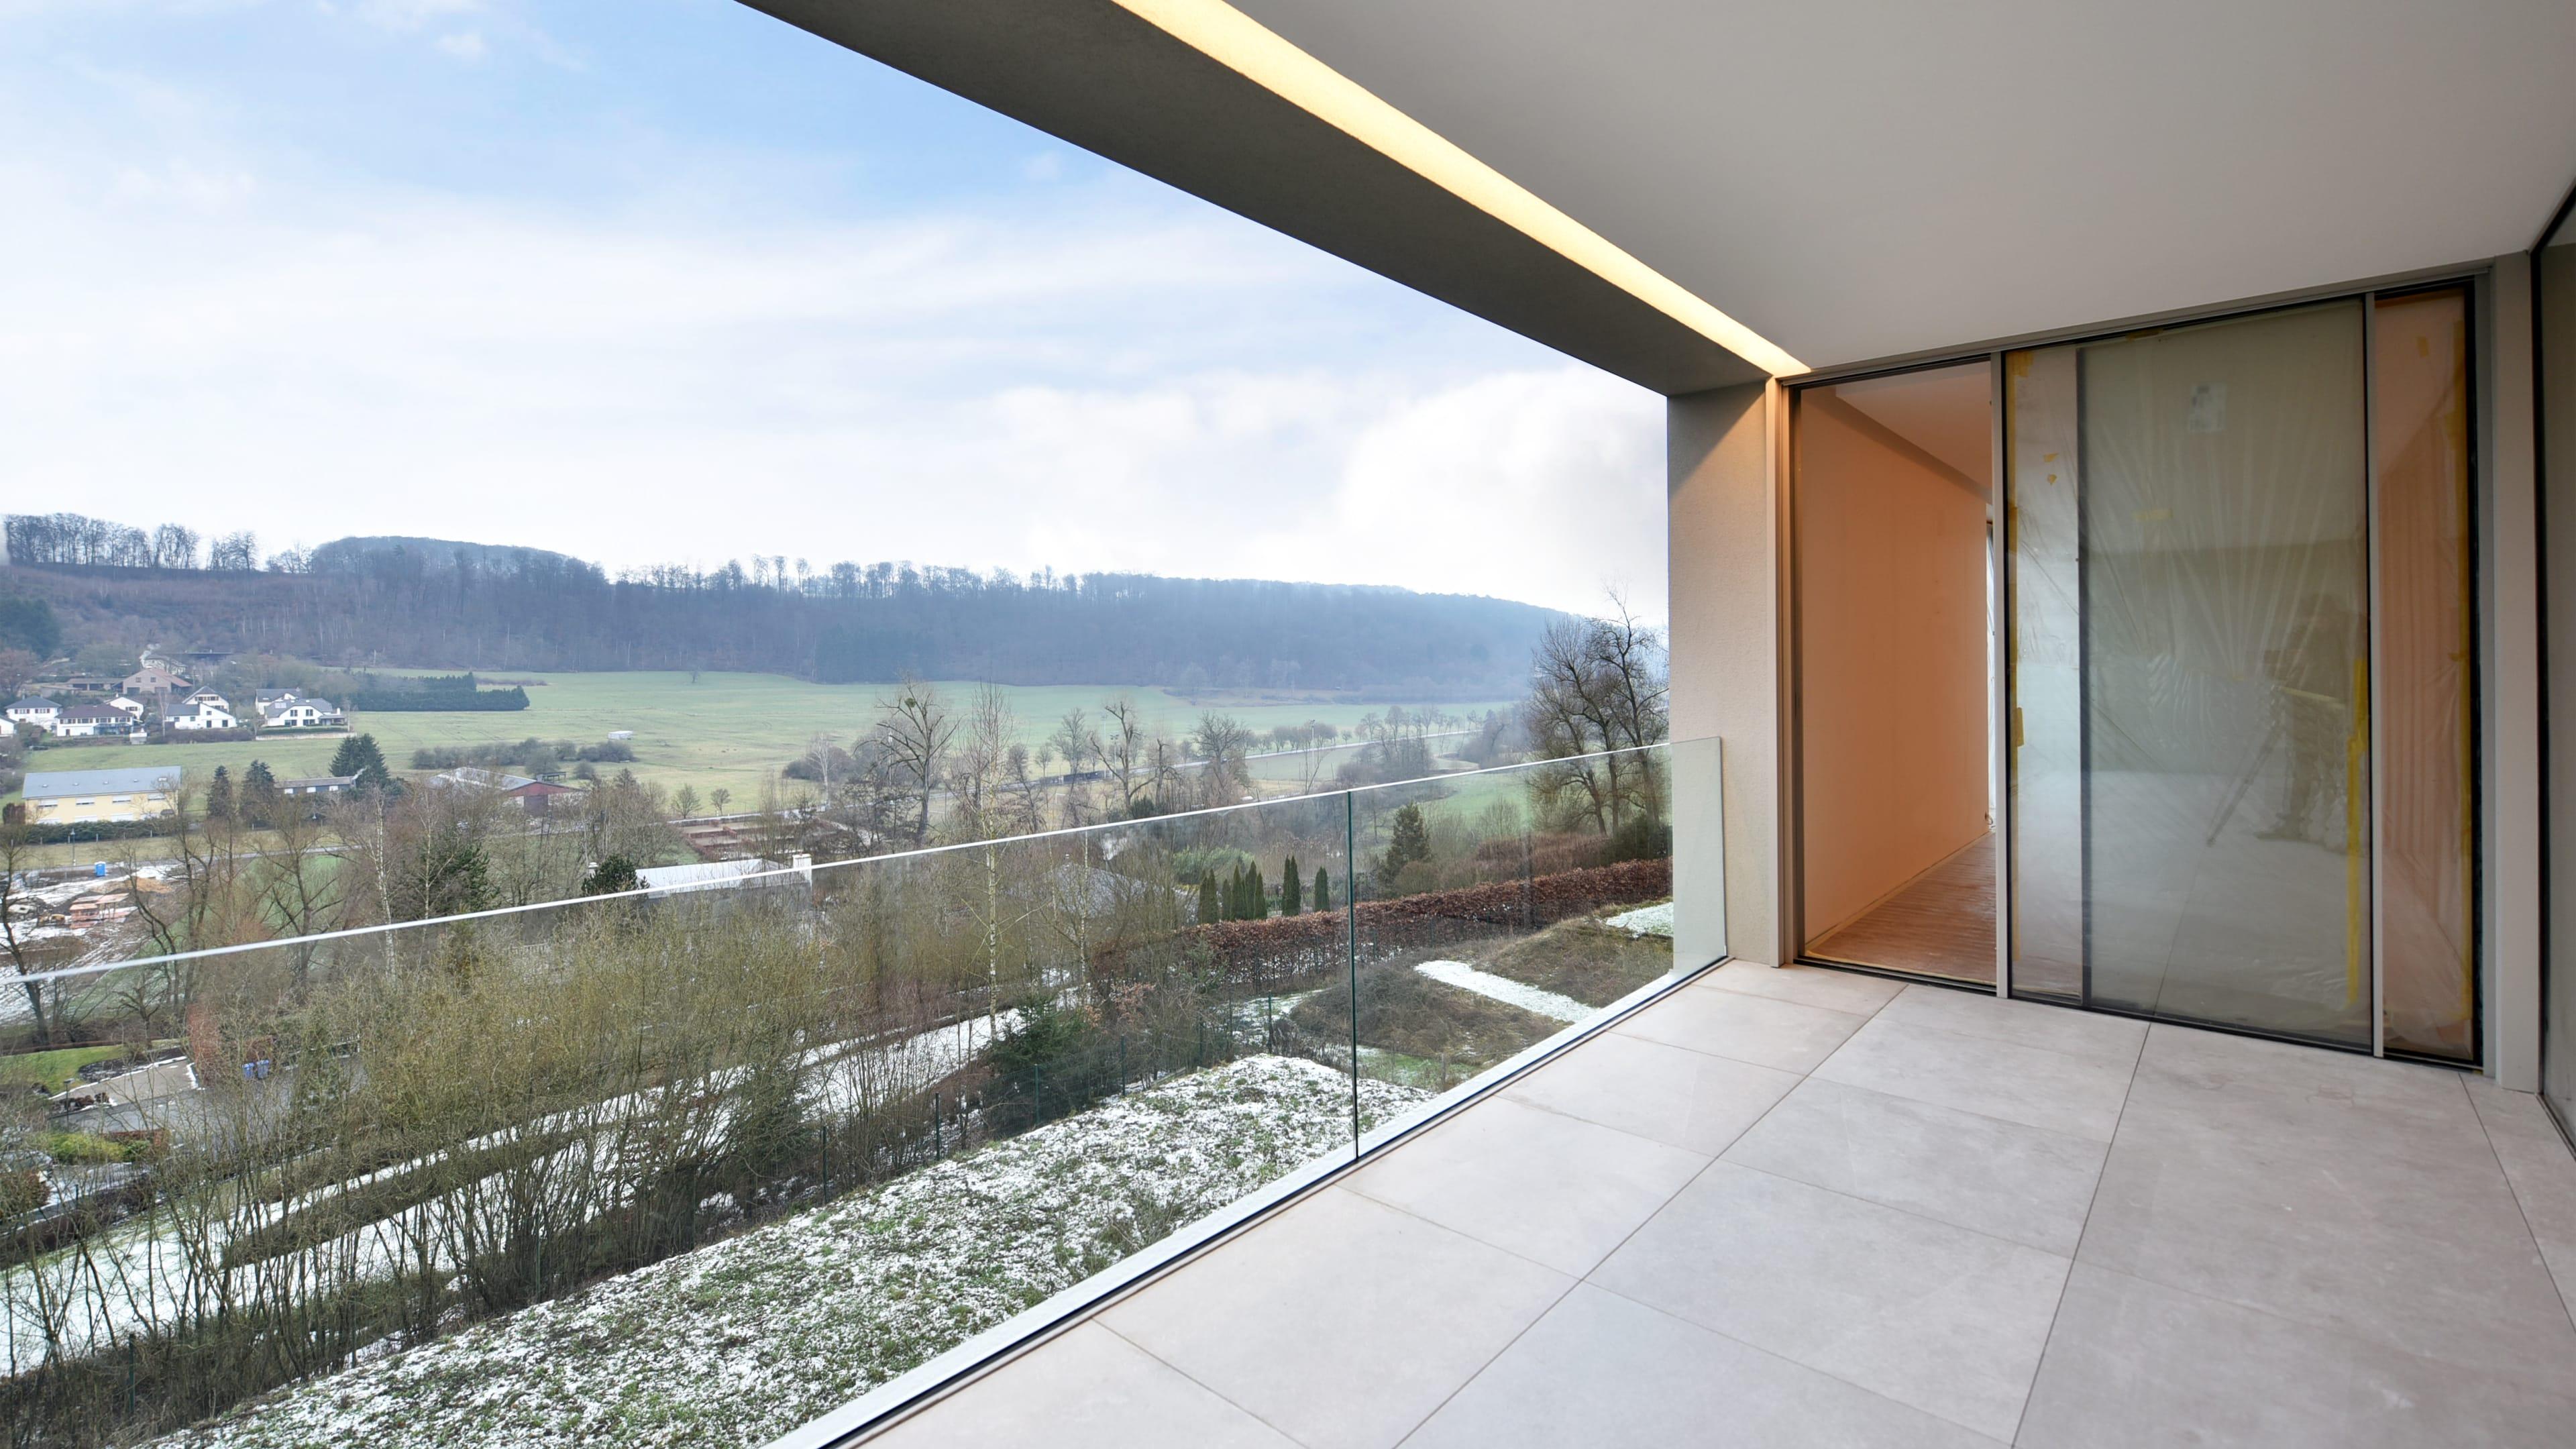 036 roodt villa luxe haut standing cfarchitectes for Architecte luxembourg